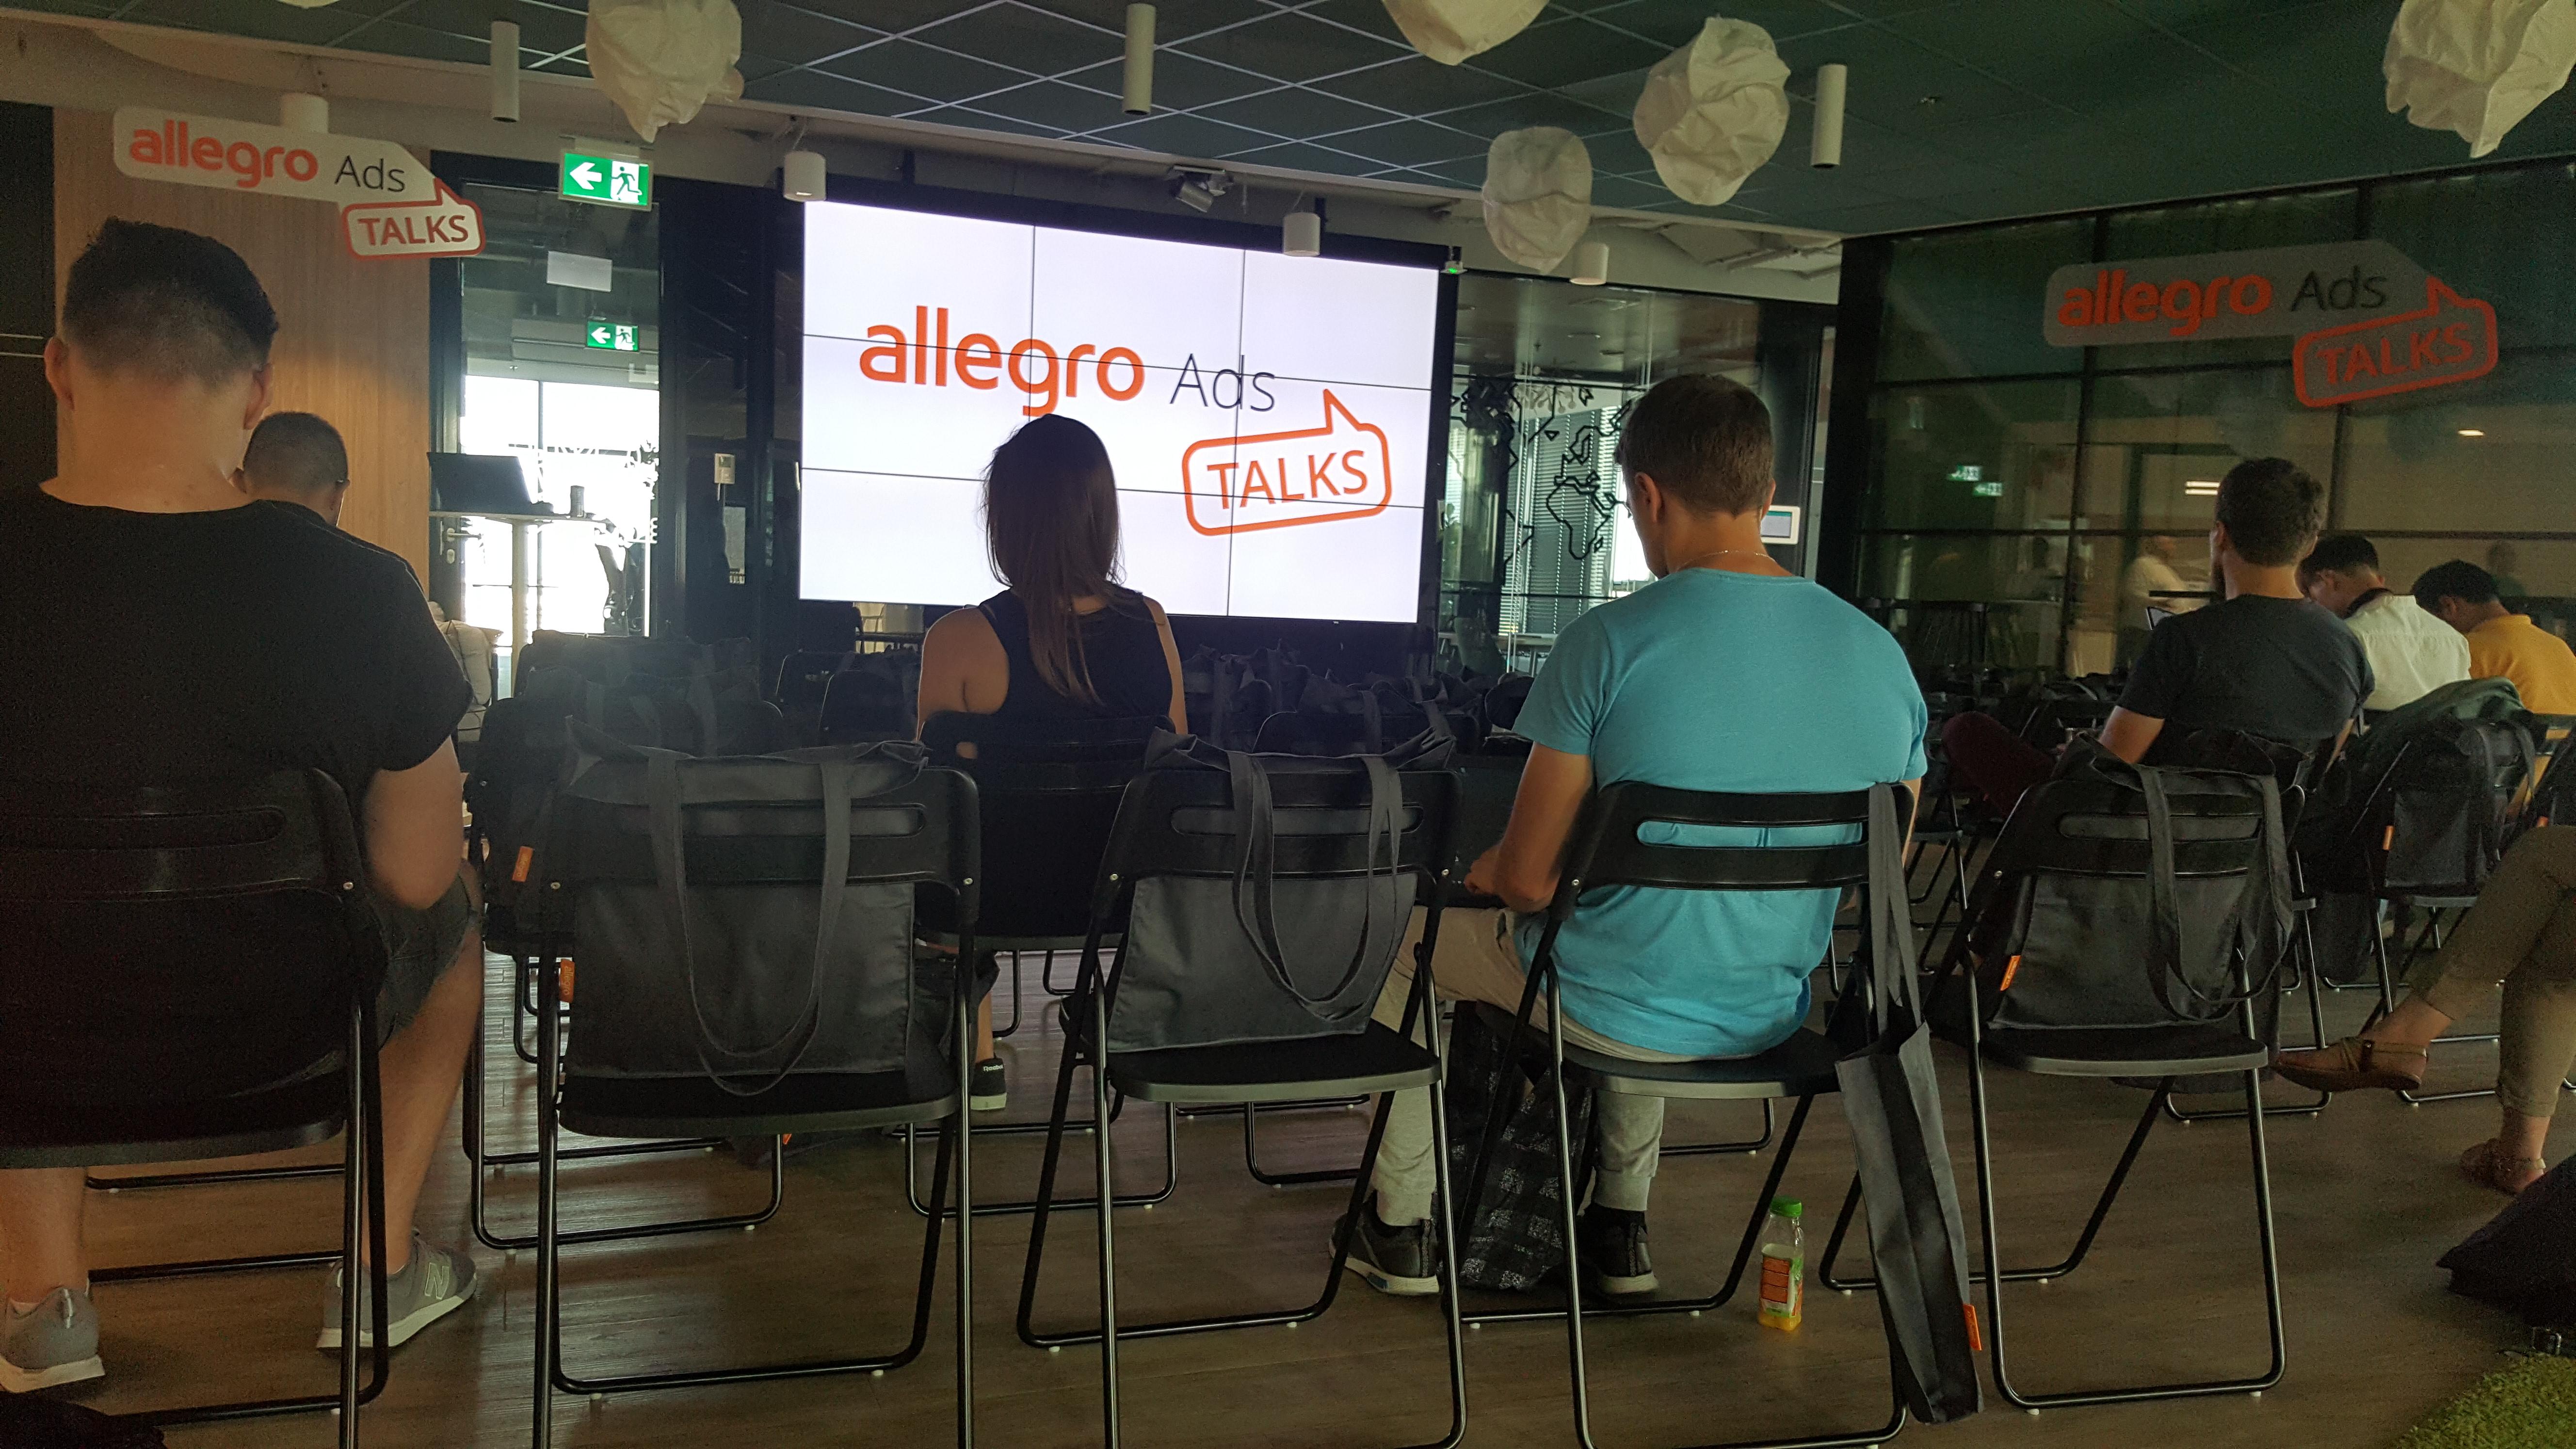 Allegro Ads Talk 2